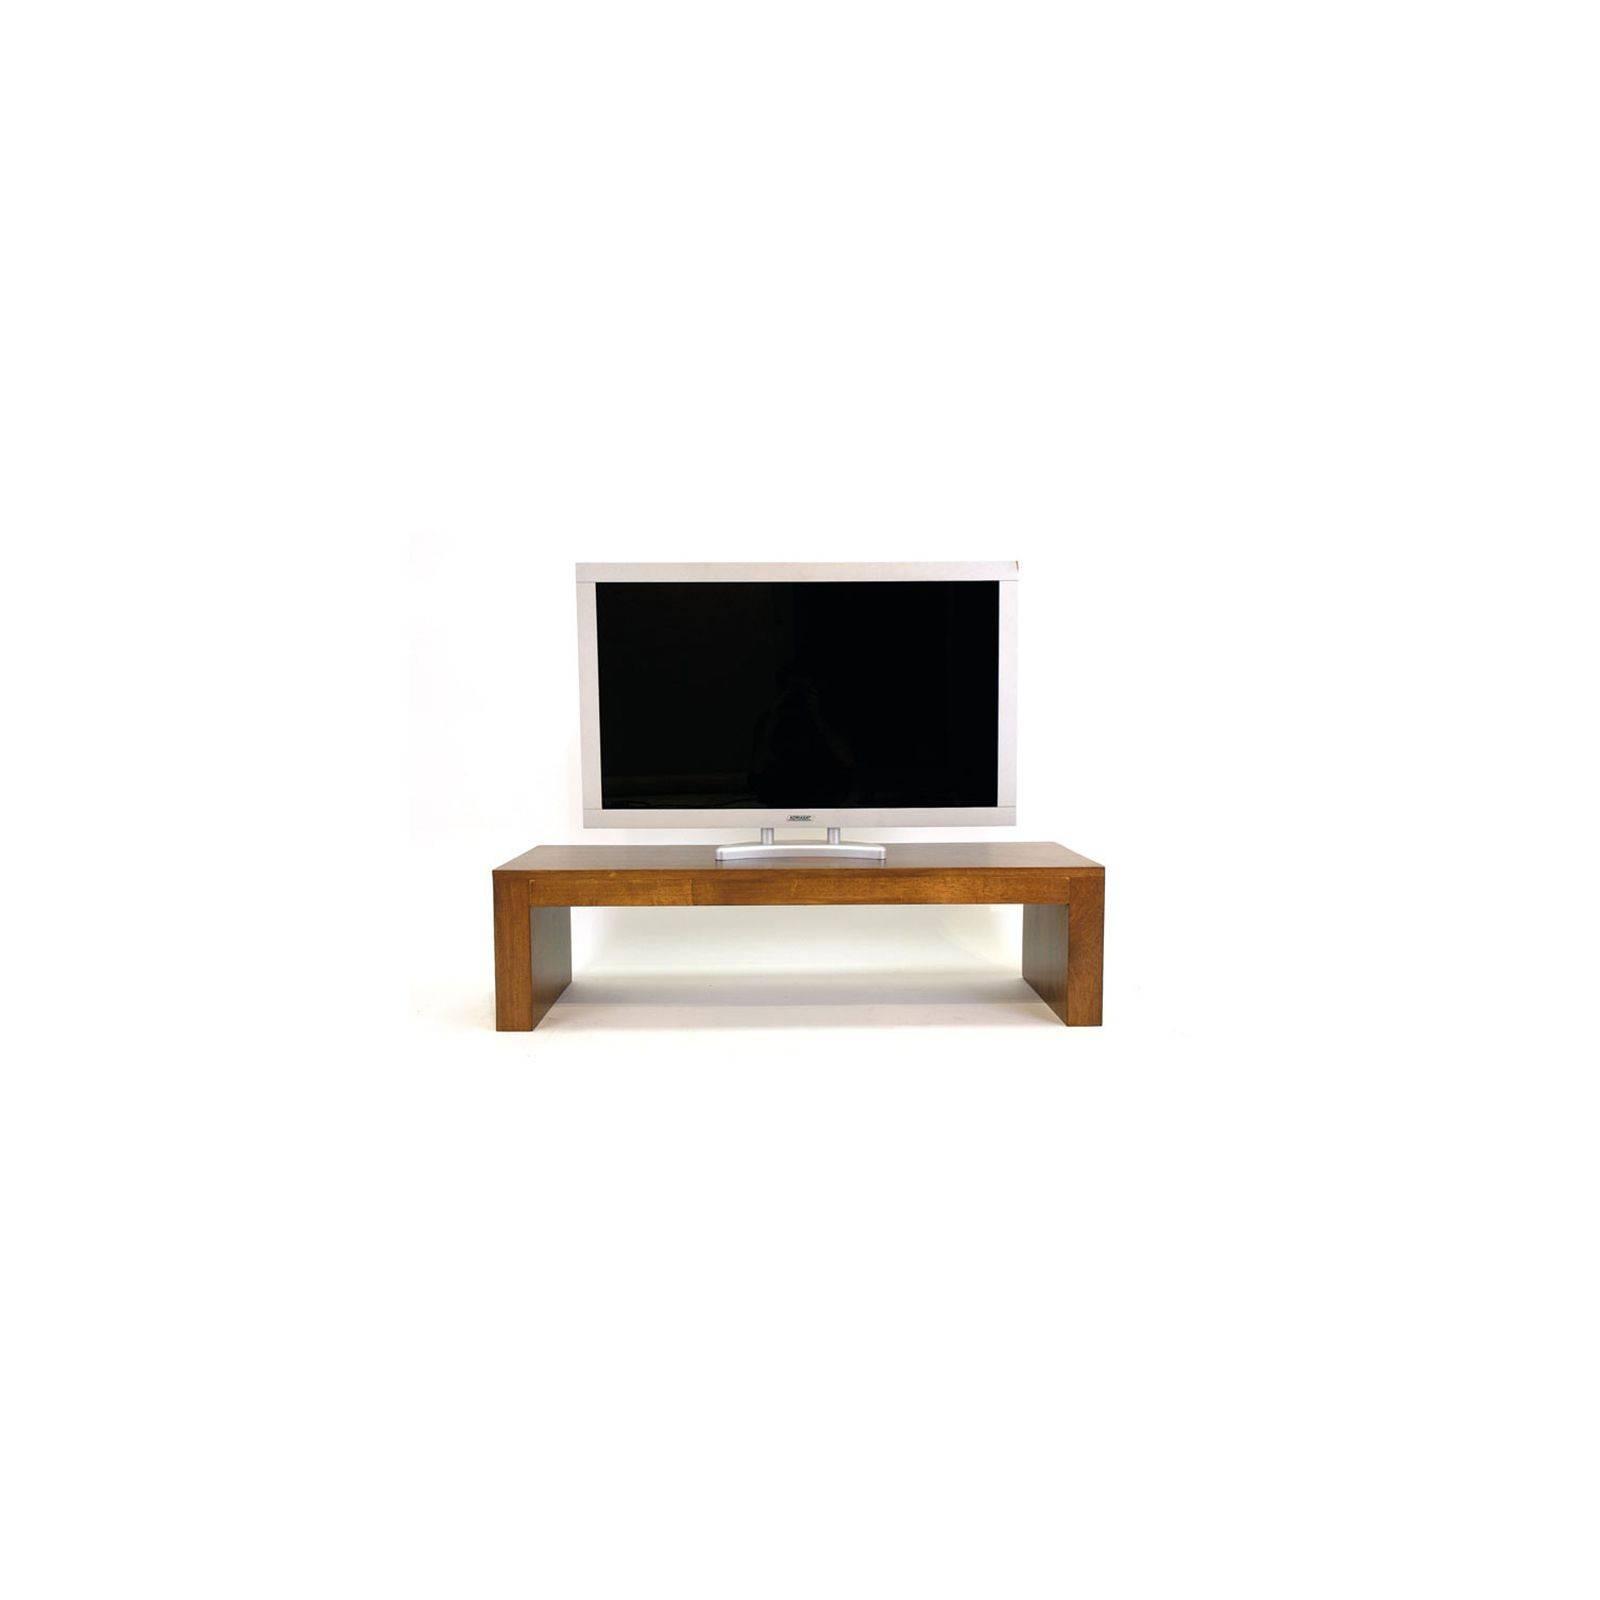 Meuble Tv Contemporain Omega Hévéa Massif - salon au style design